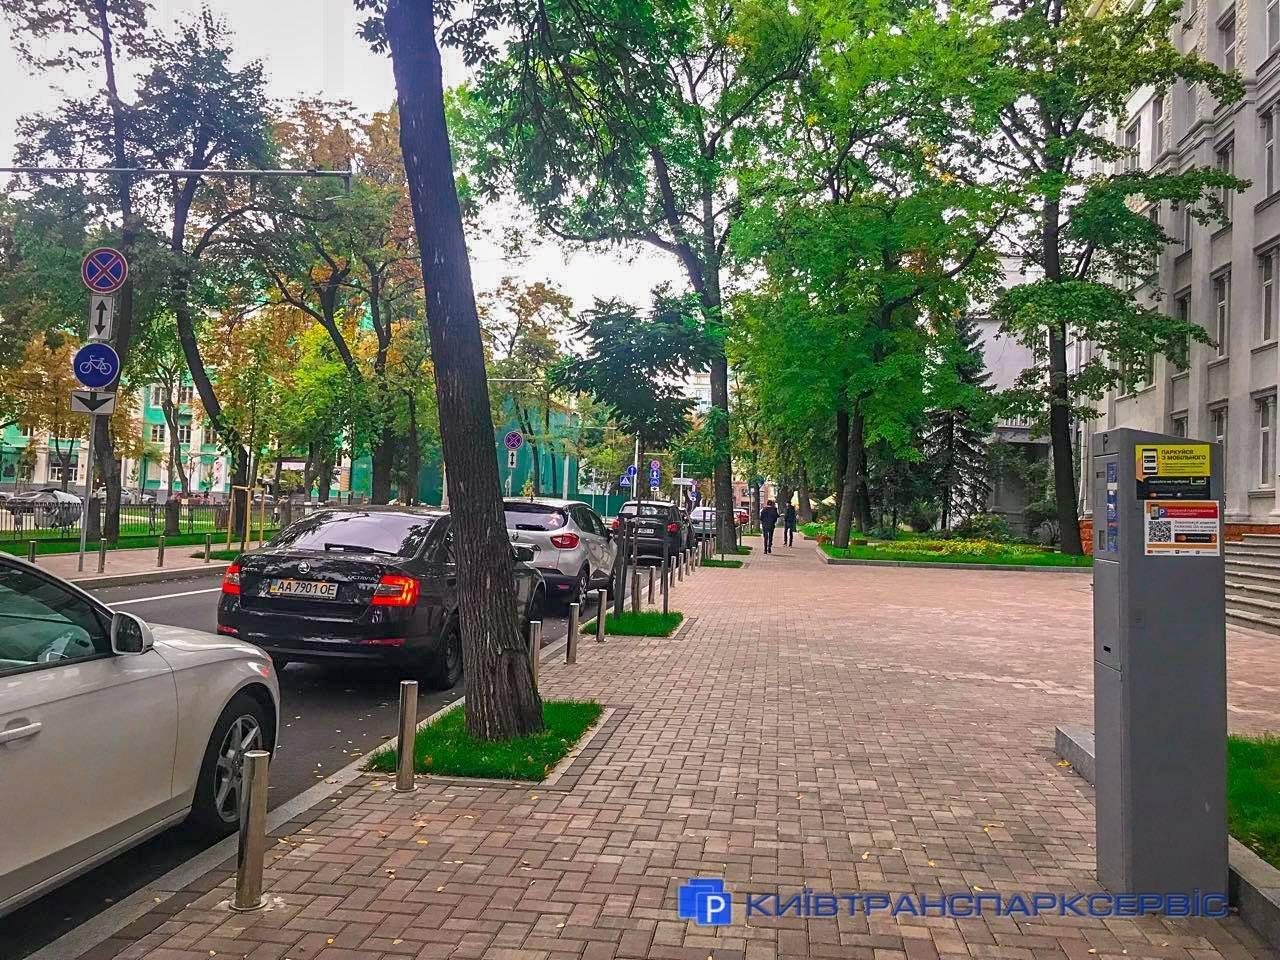 «Киевтранспарксервис» в Facebook